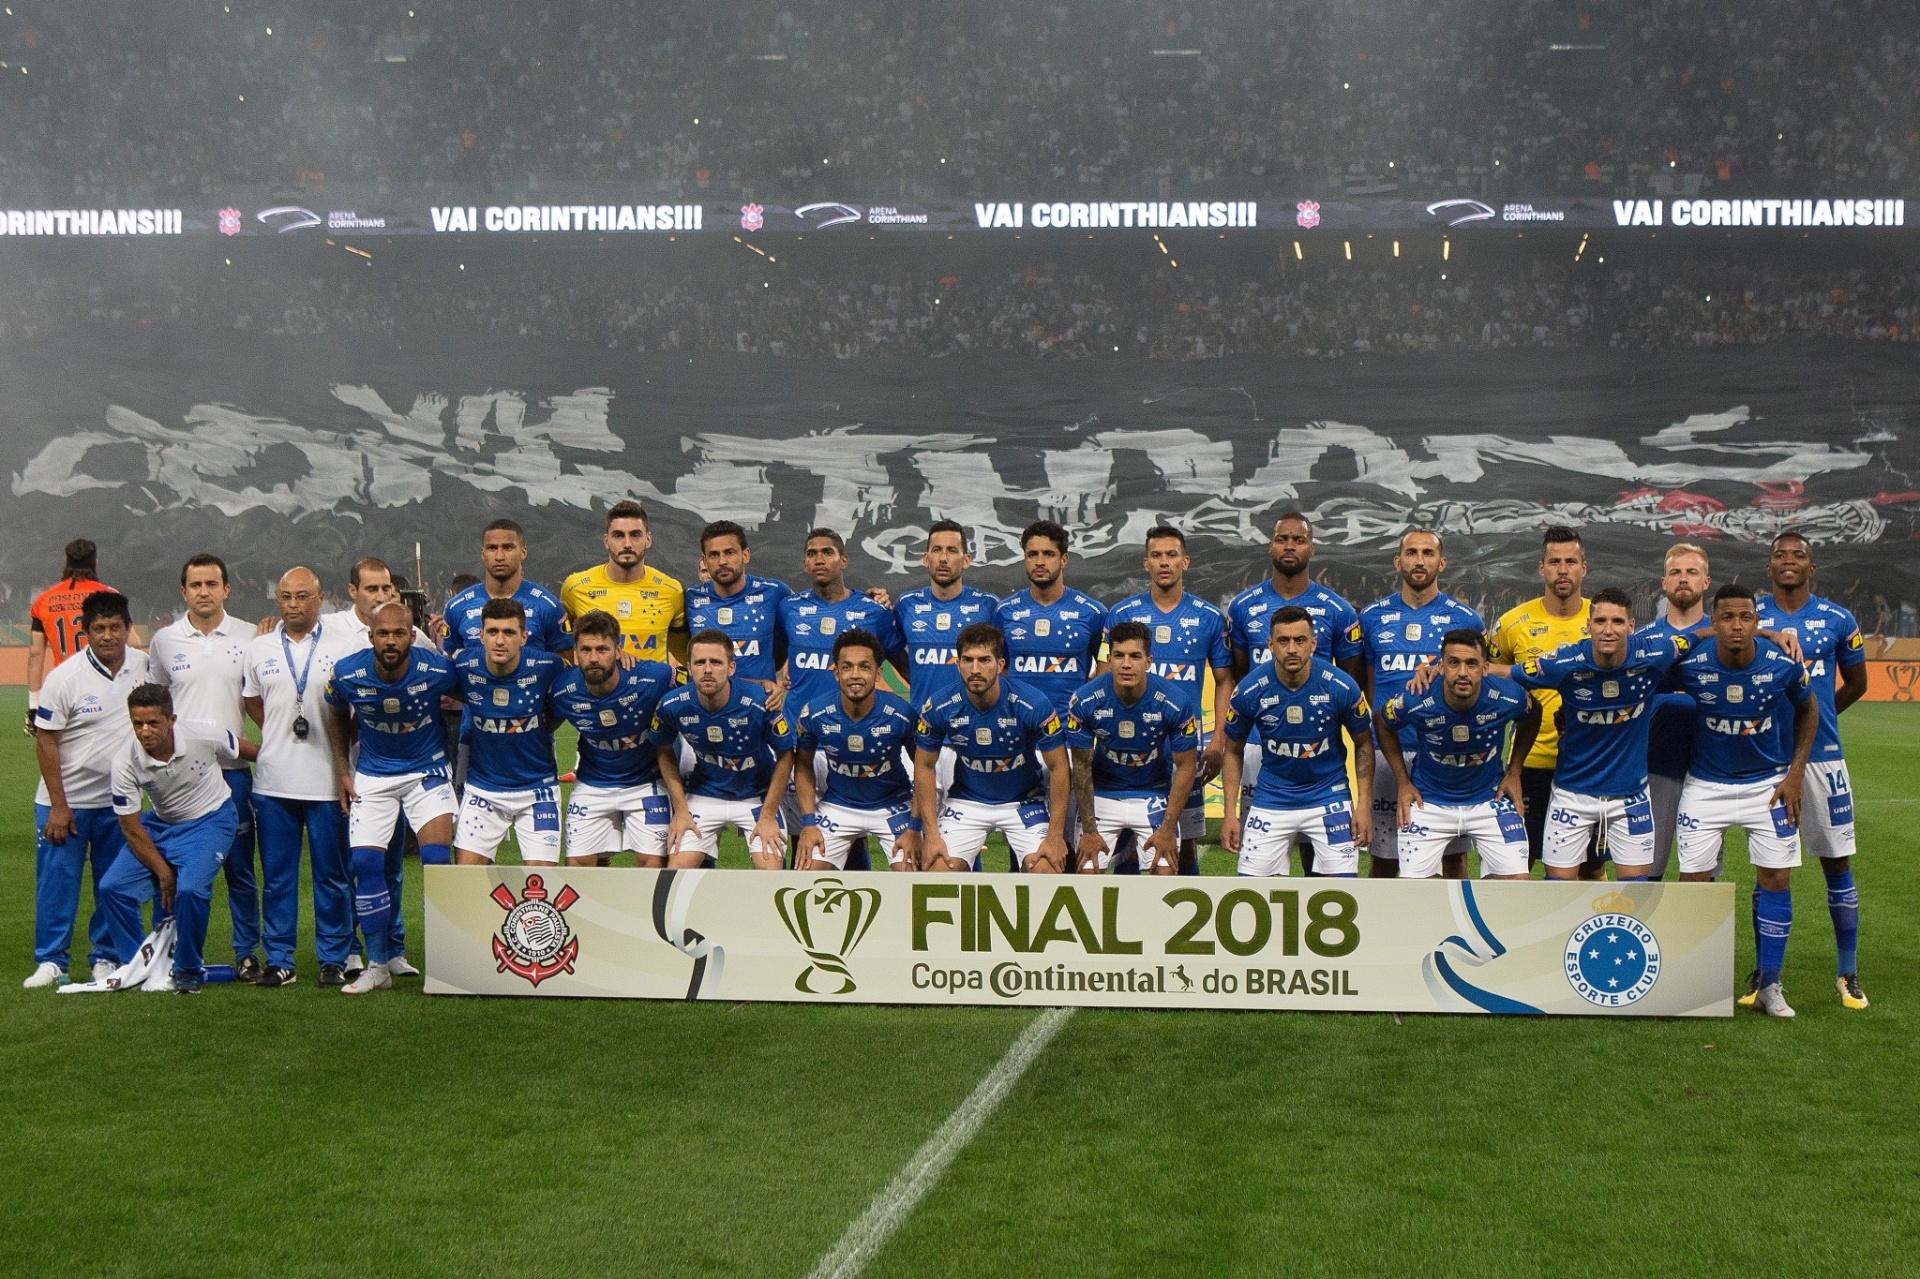 Manter base do time foi um dos segredos para hegemonia recente do Cruzeiro  - Esporte - BOL 87827eed6b0d6